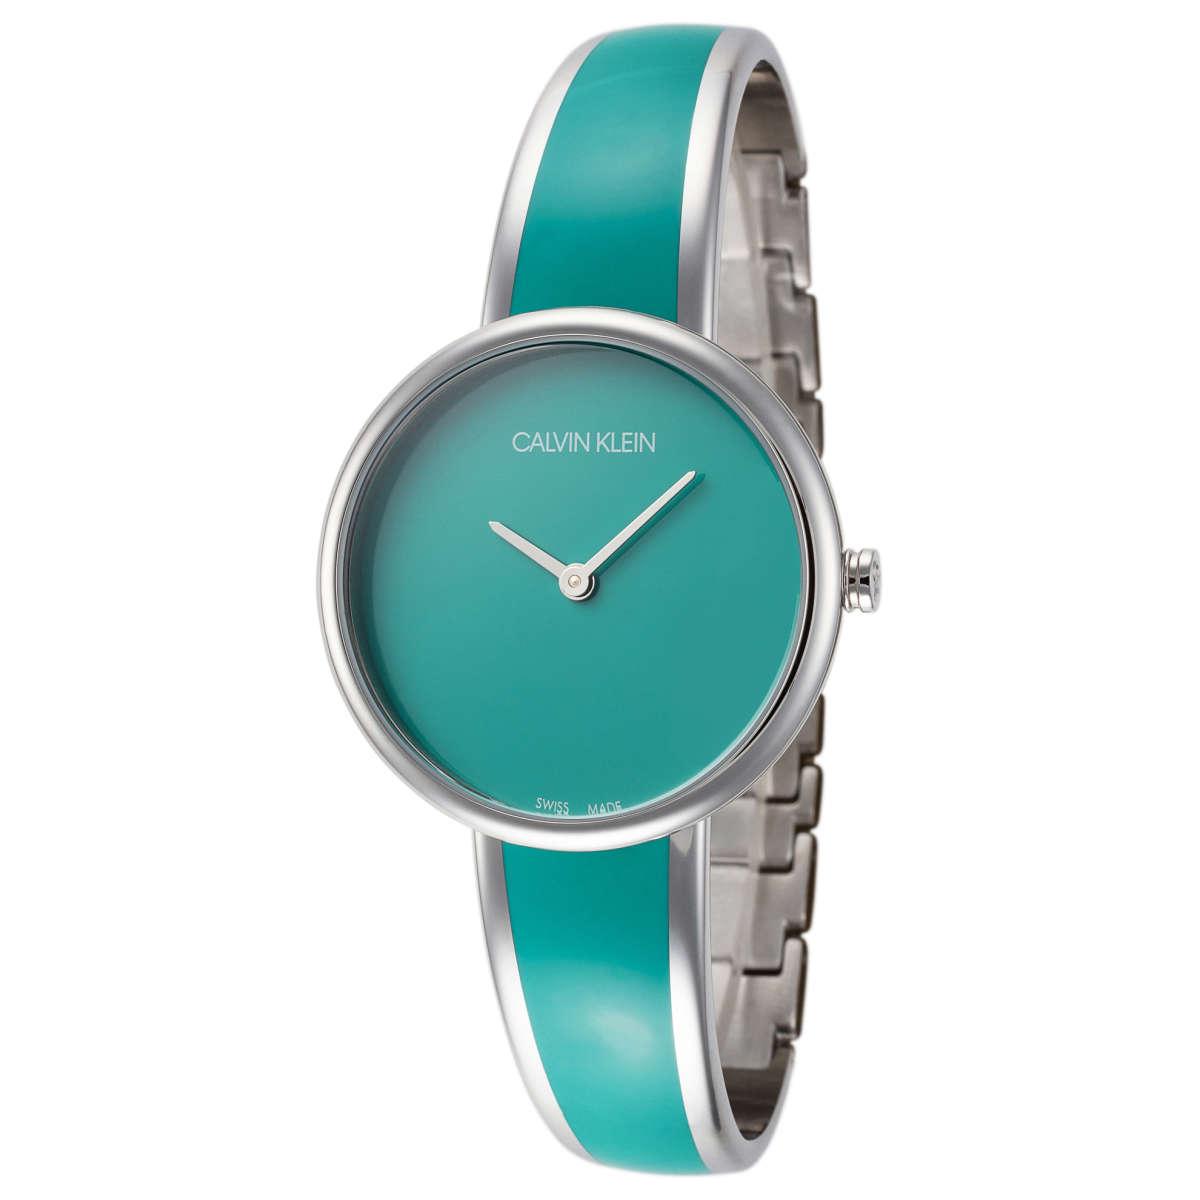 Calvin Klein Seduce Stainless Steel Women's Watch